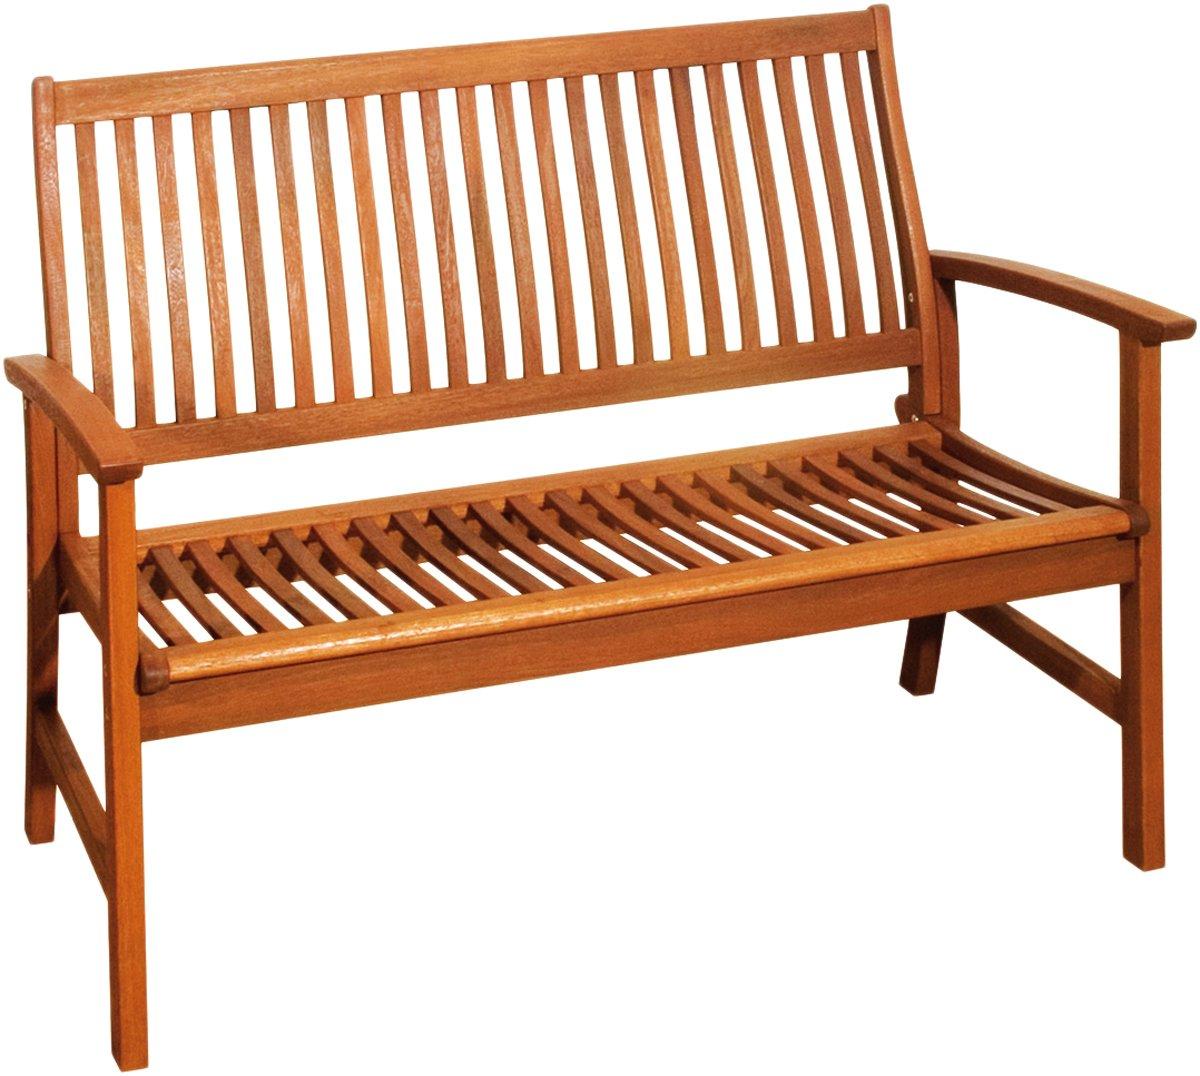 2-Sitzer Gartenbank aus geöltem Bangkirai Holzbank Sitzbank Parkbank